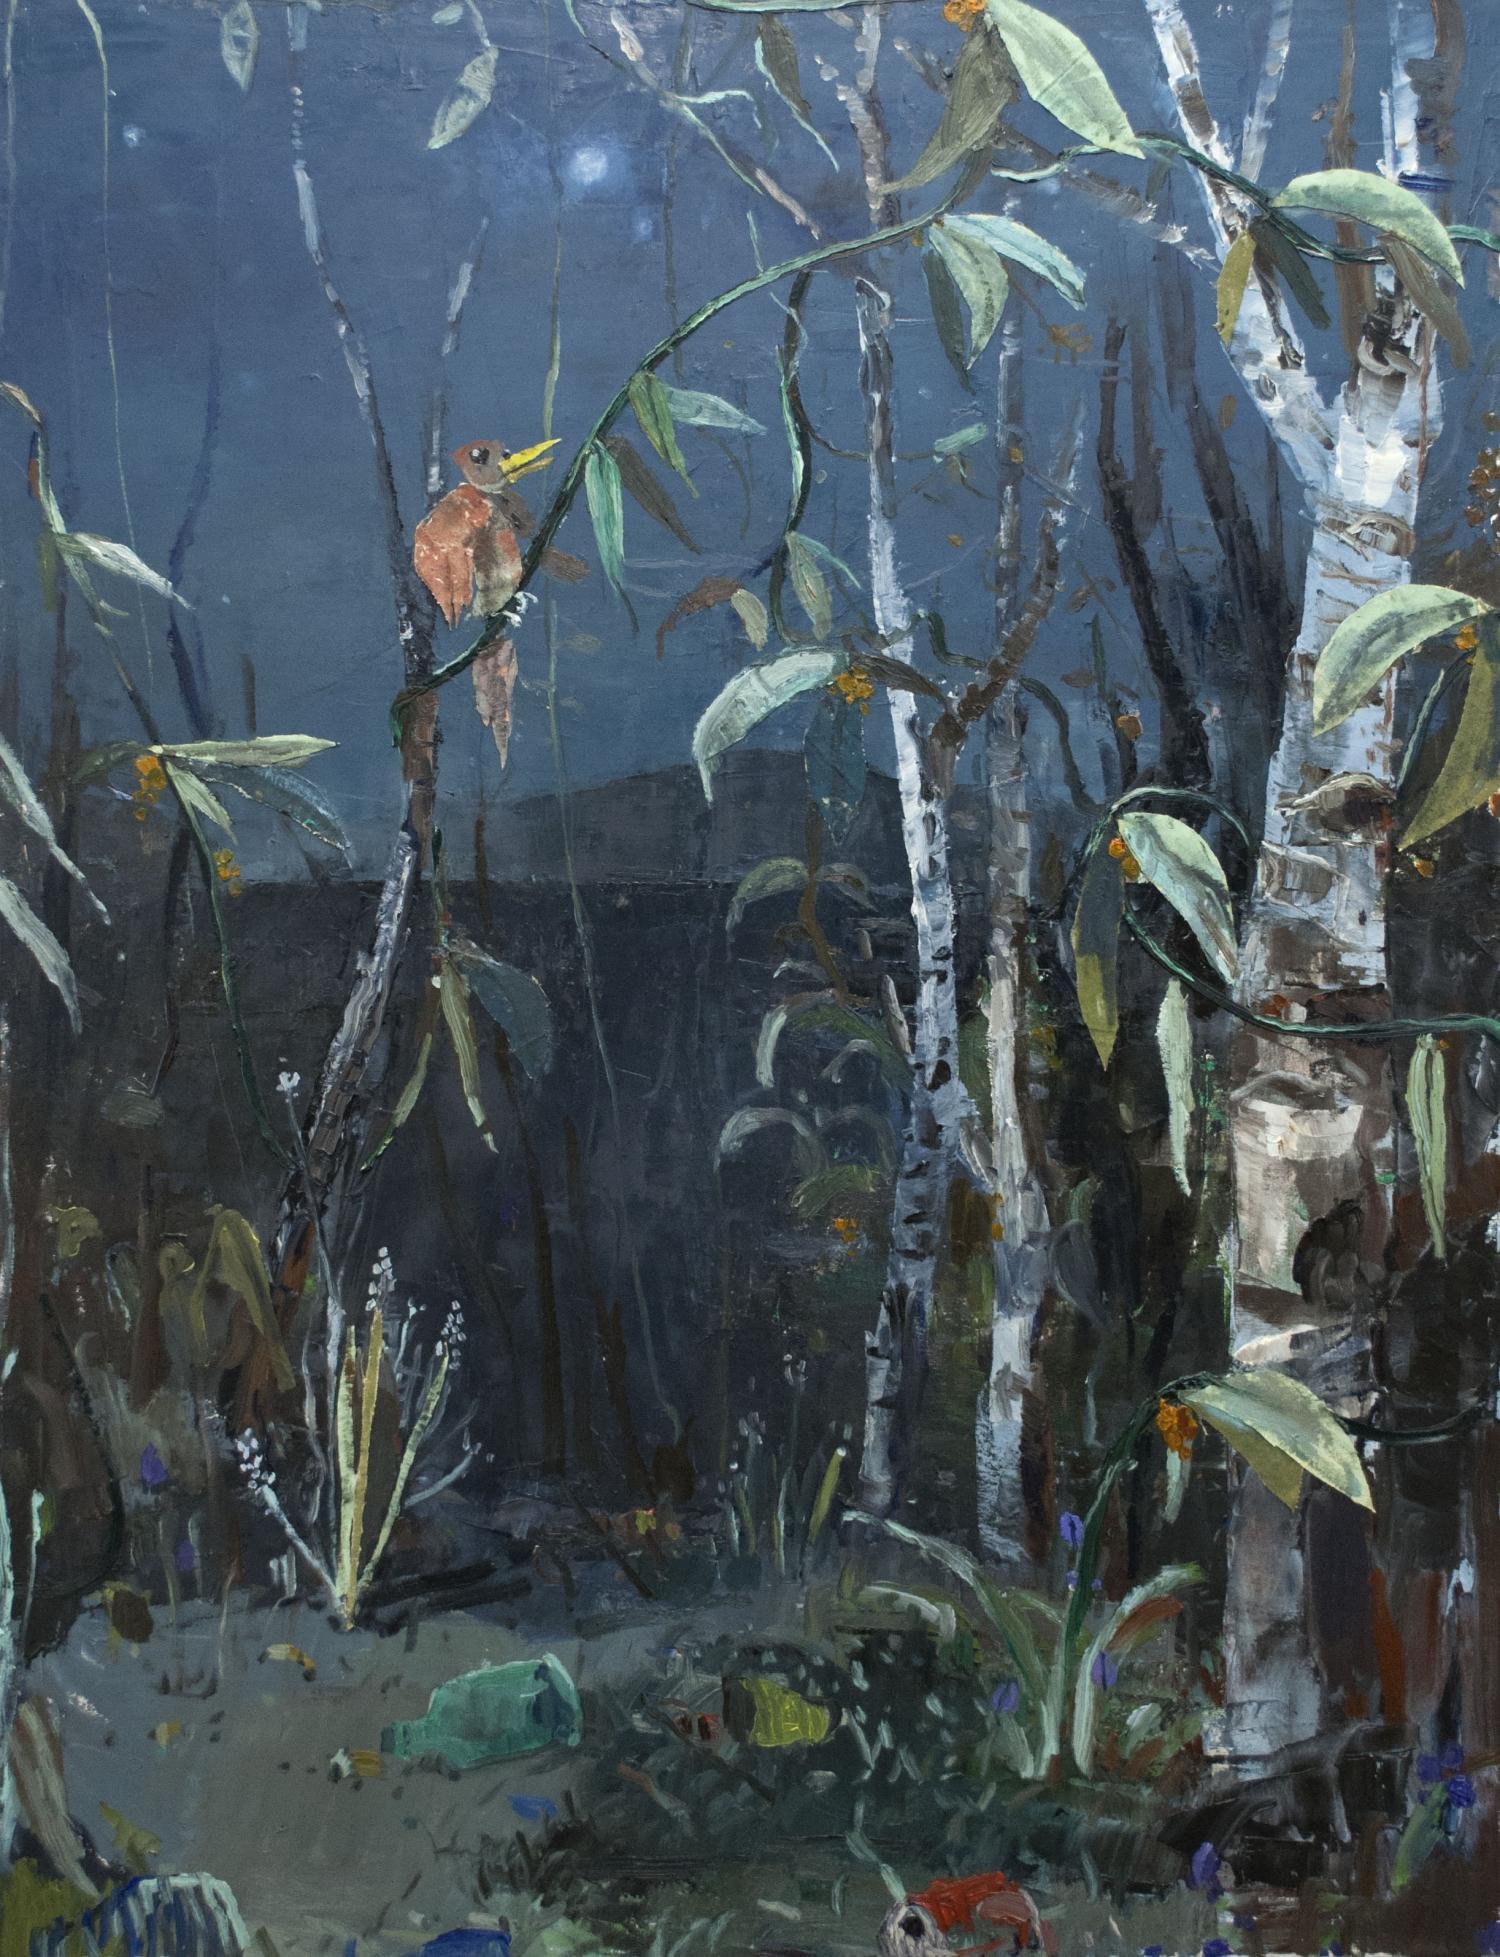 Fritz Bornstück - Ode An Den Birkenwald 120X150Cm Pigmente Auf Leinwandcollage 2017